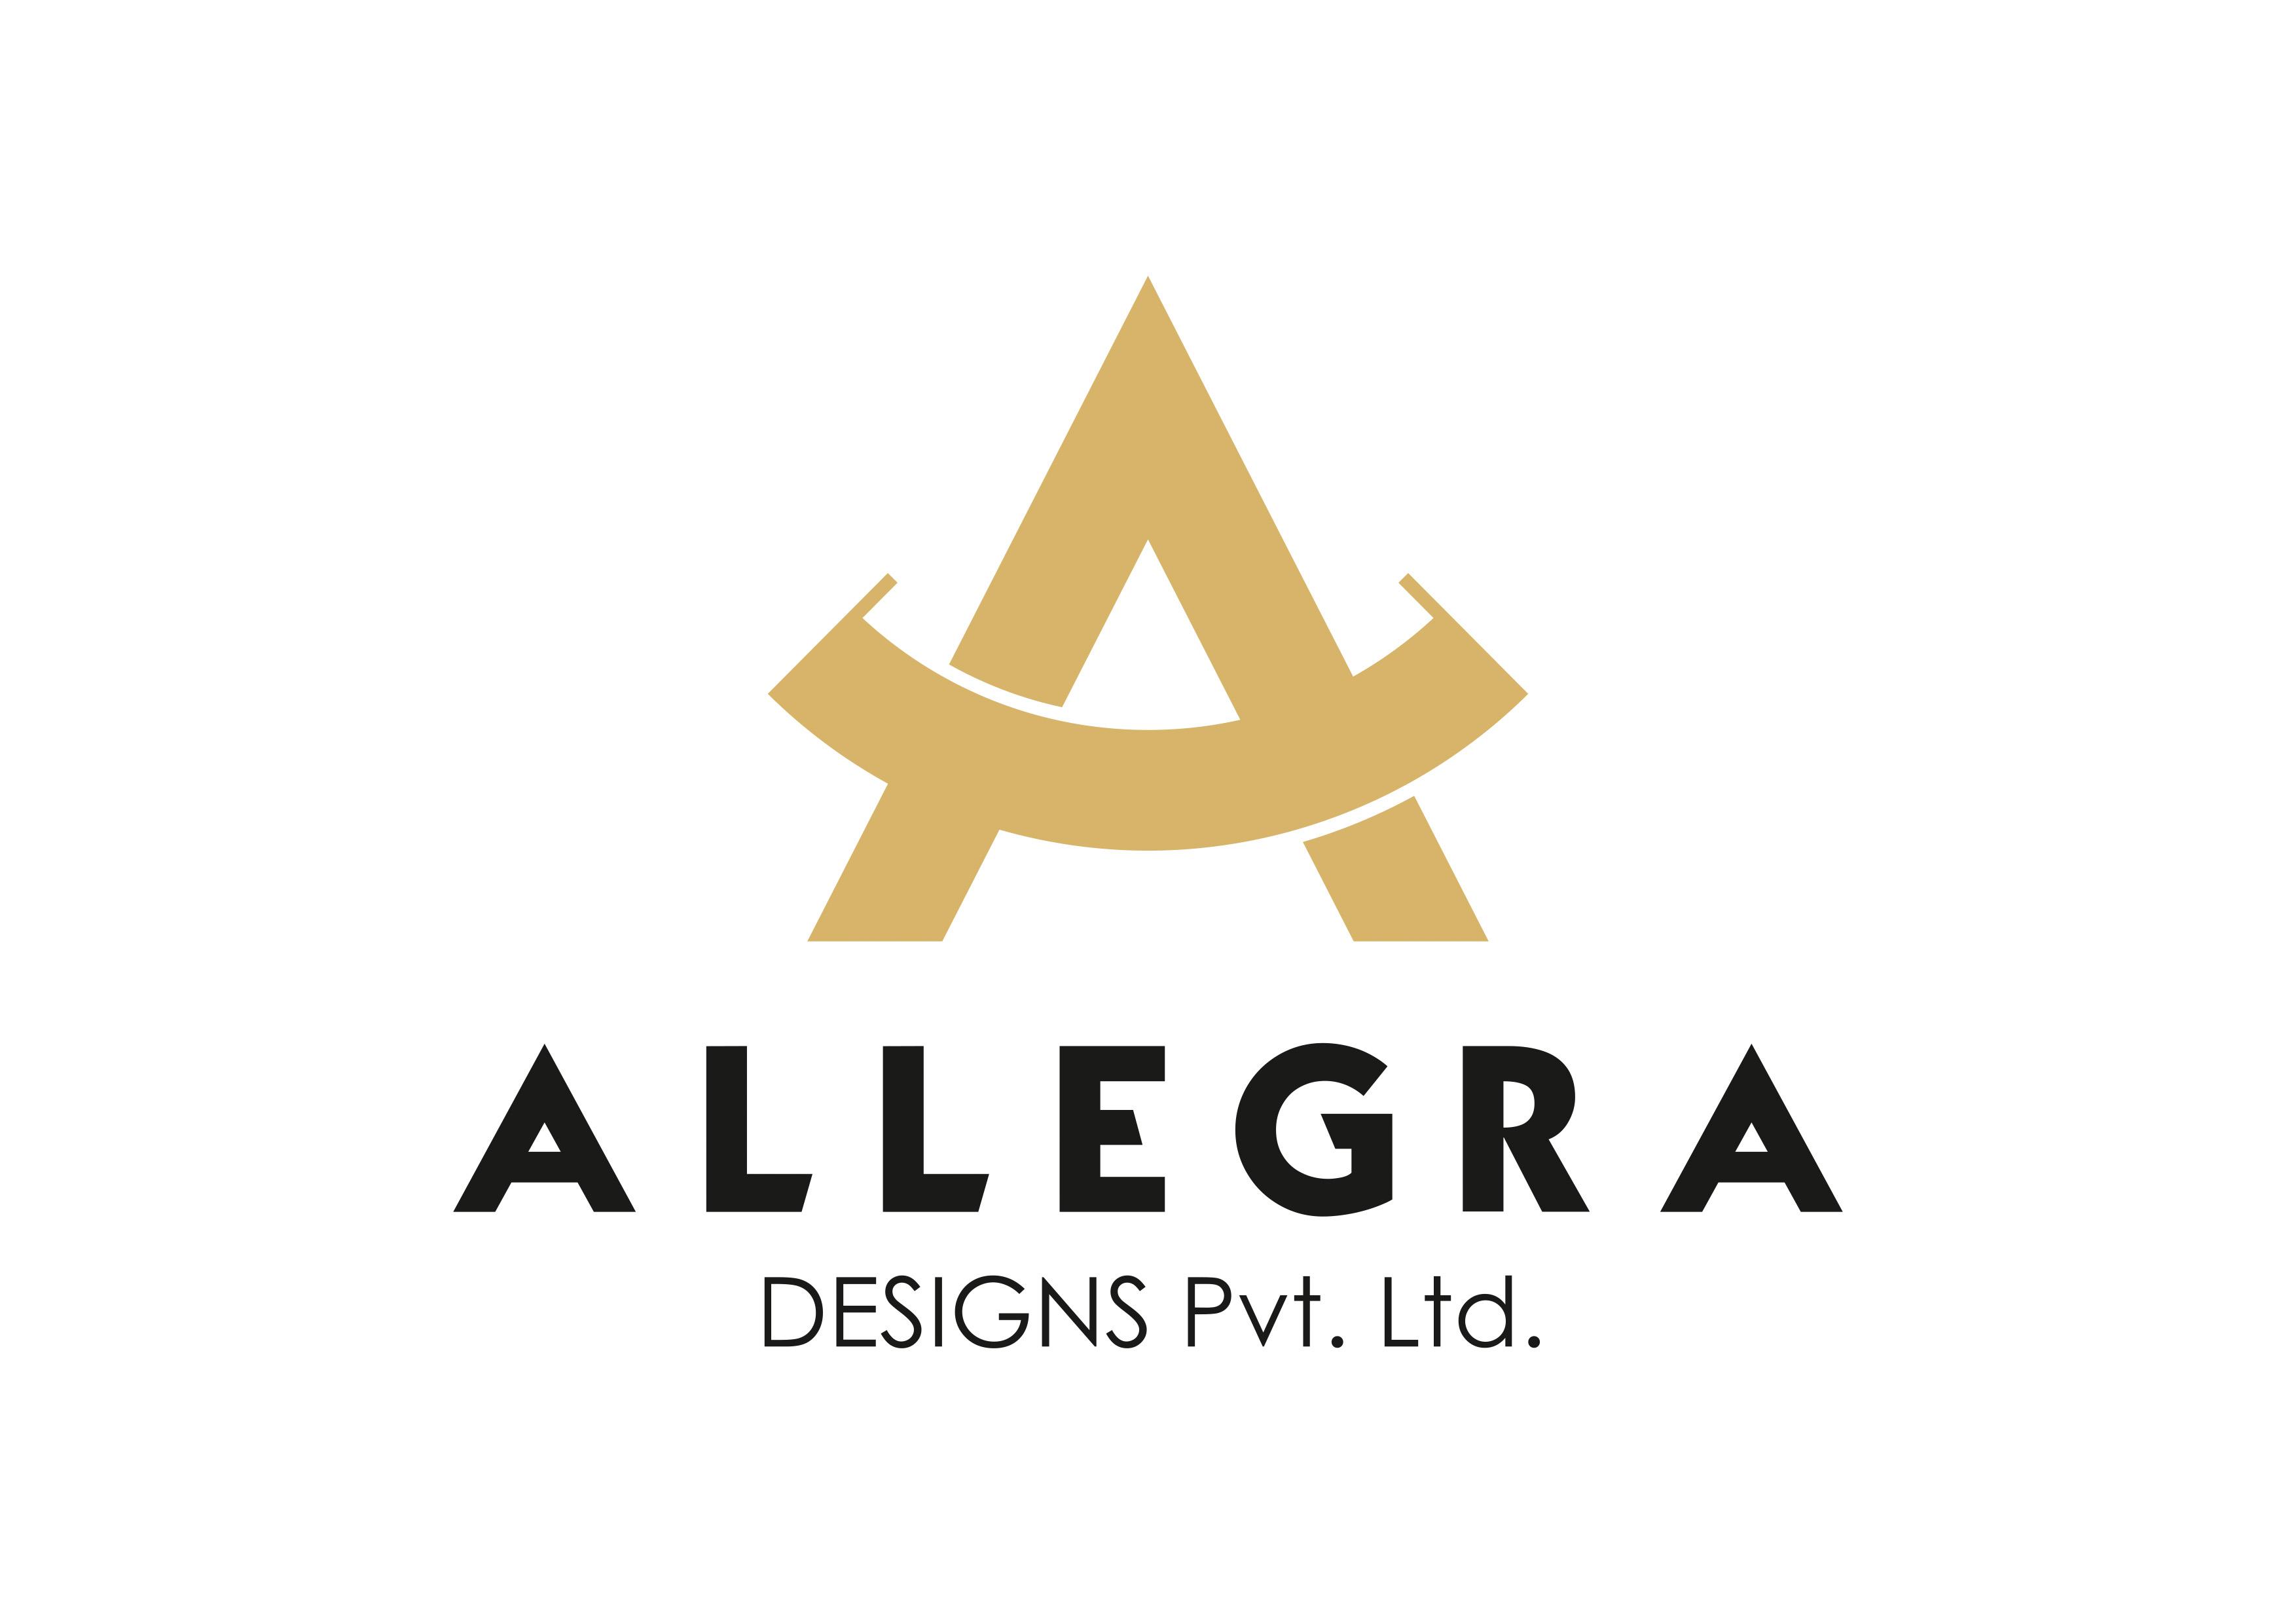 Allegra Designs